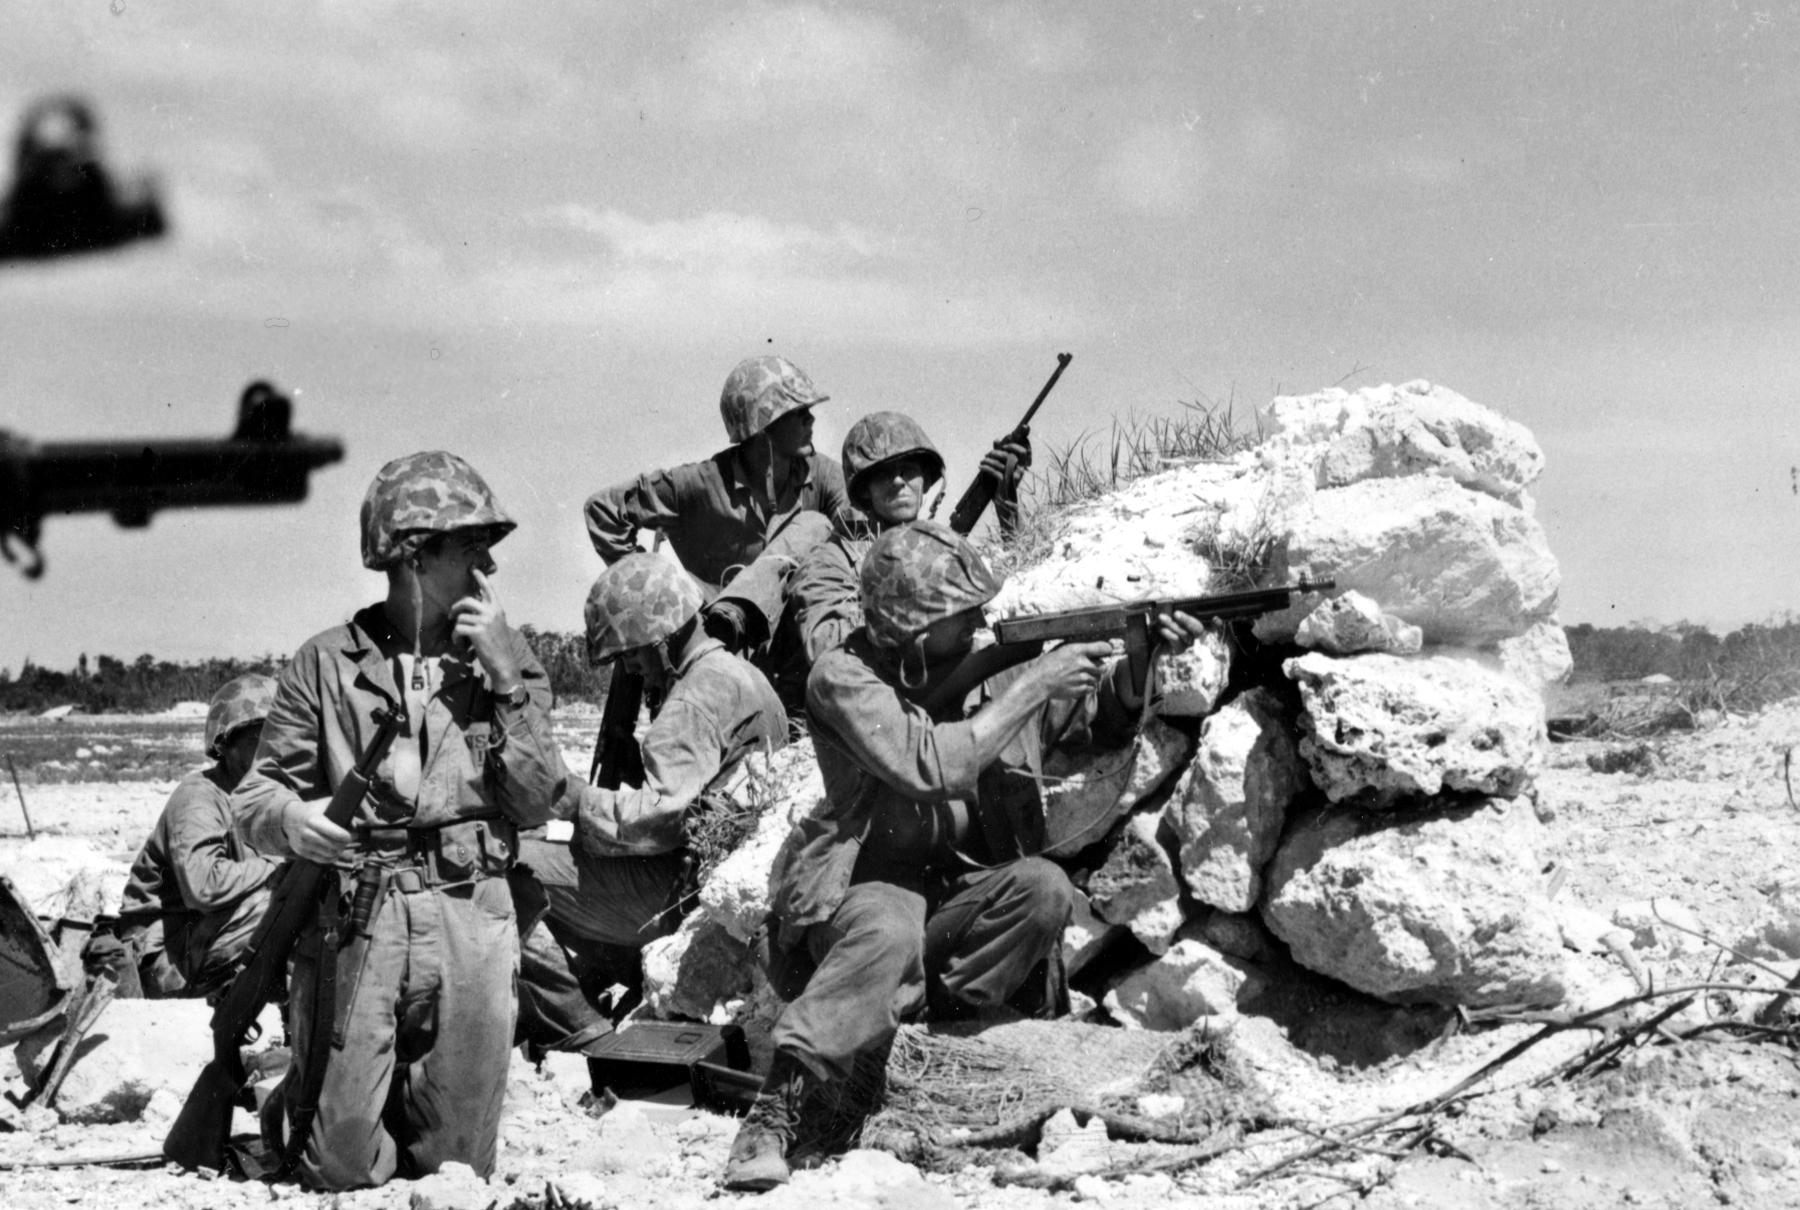 Vietnam The American Warrior